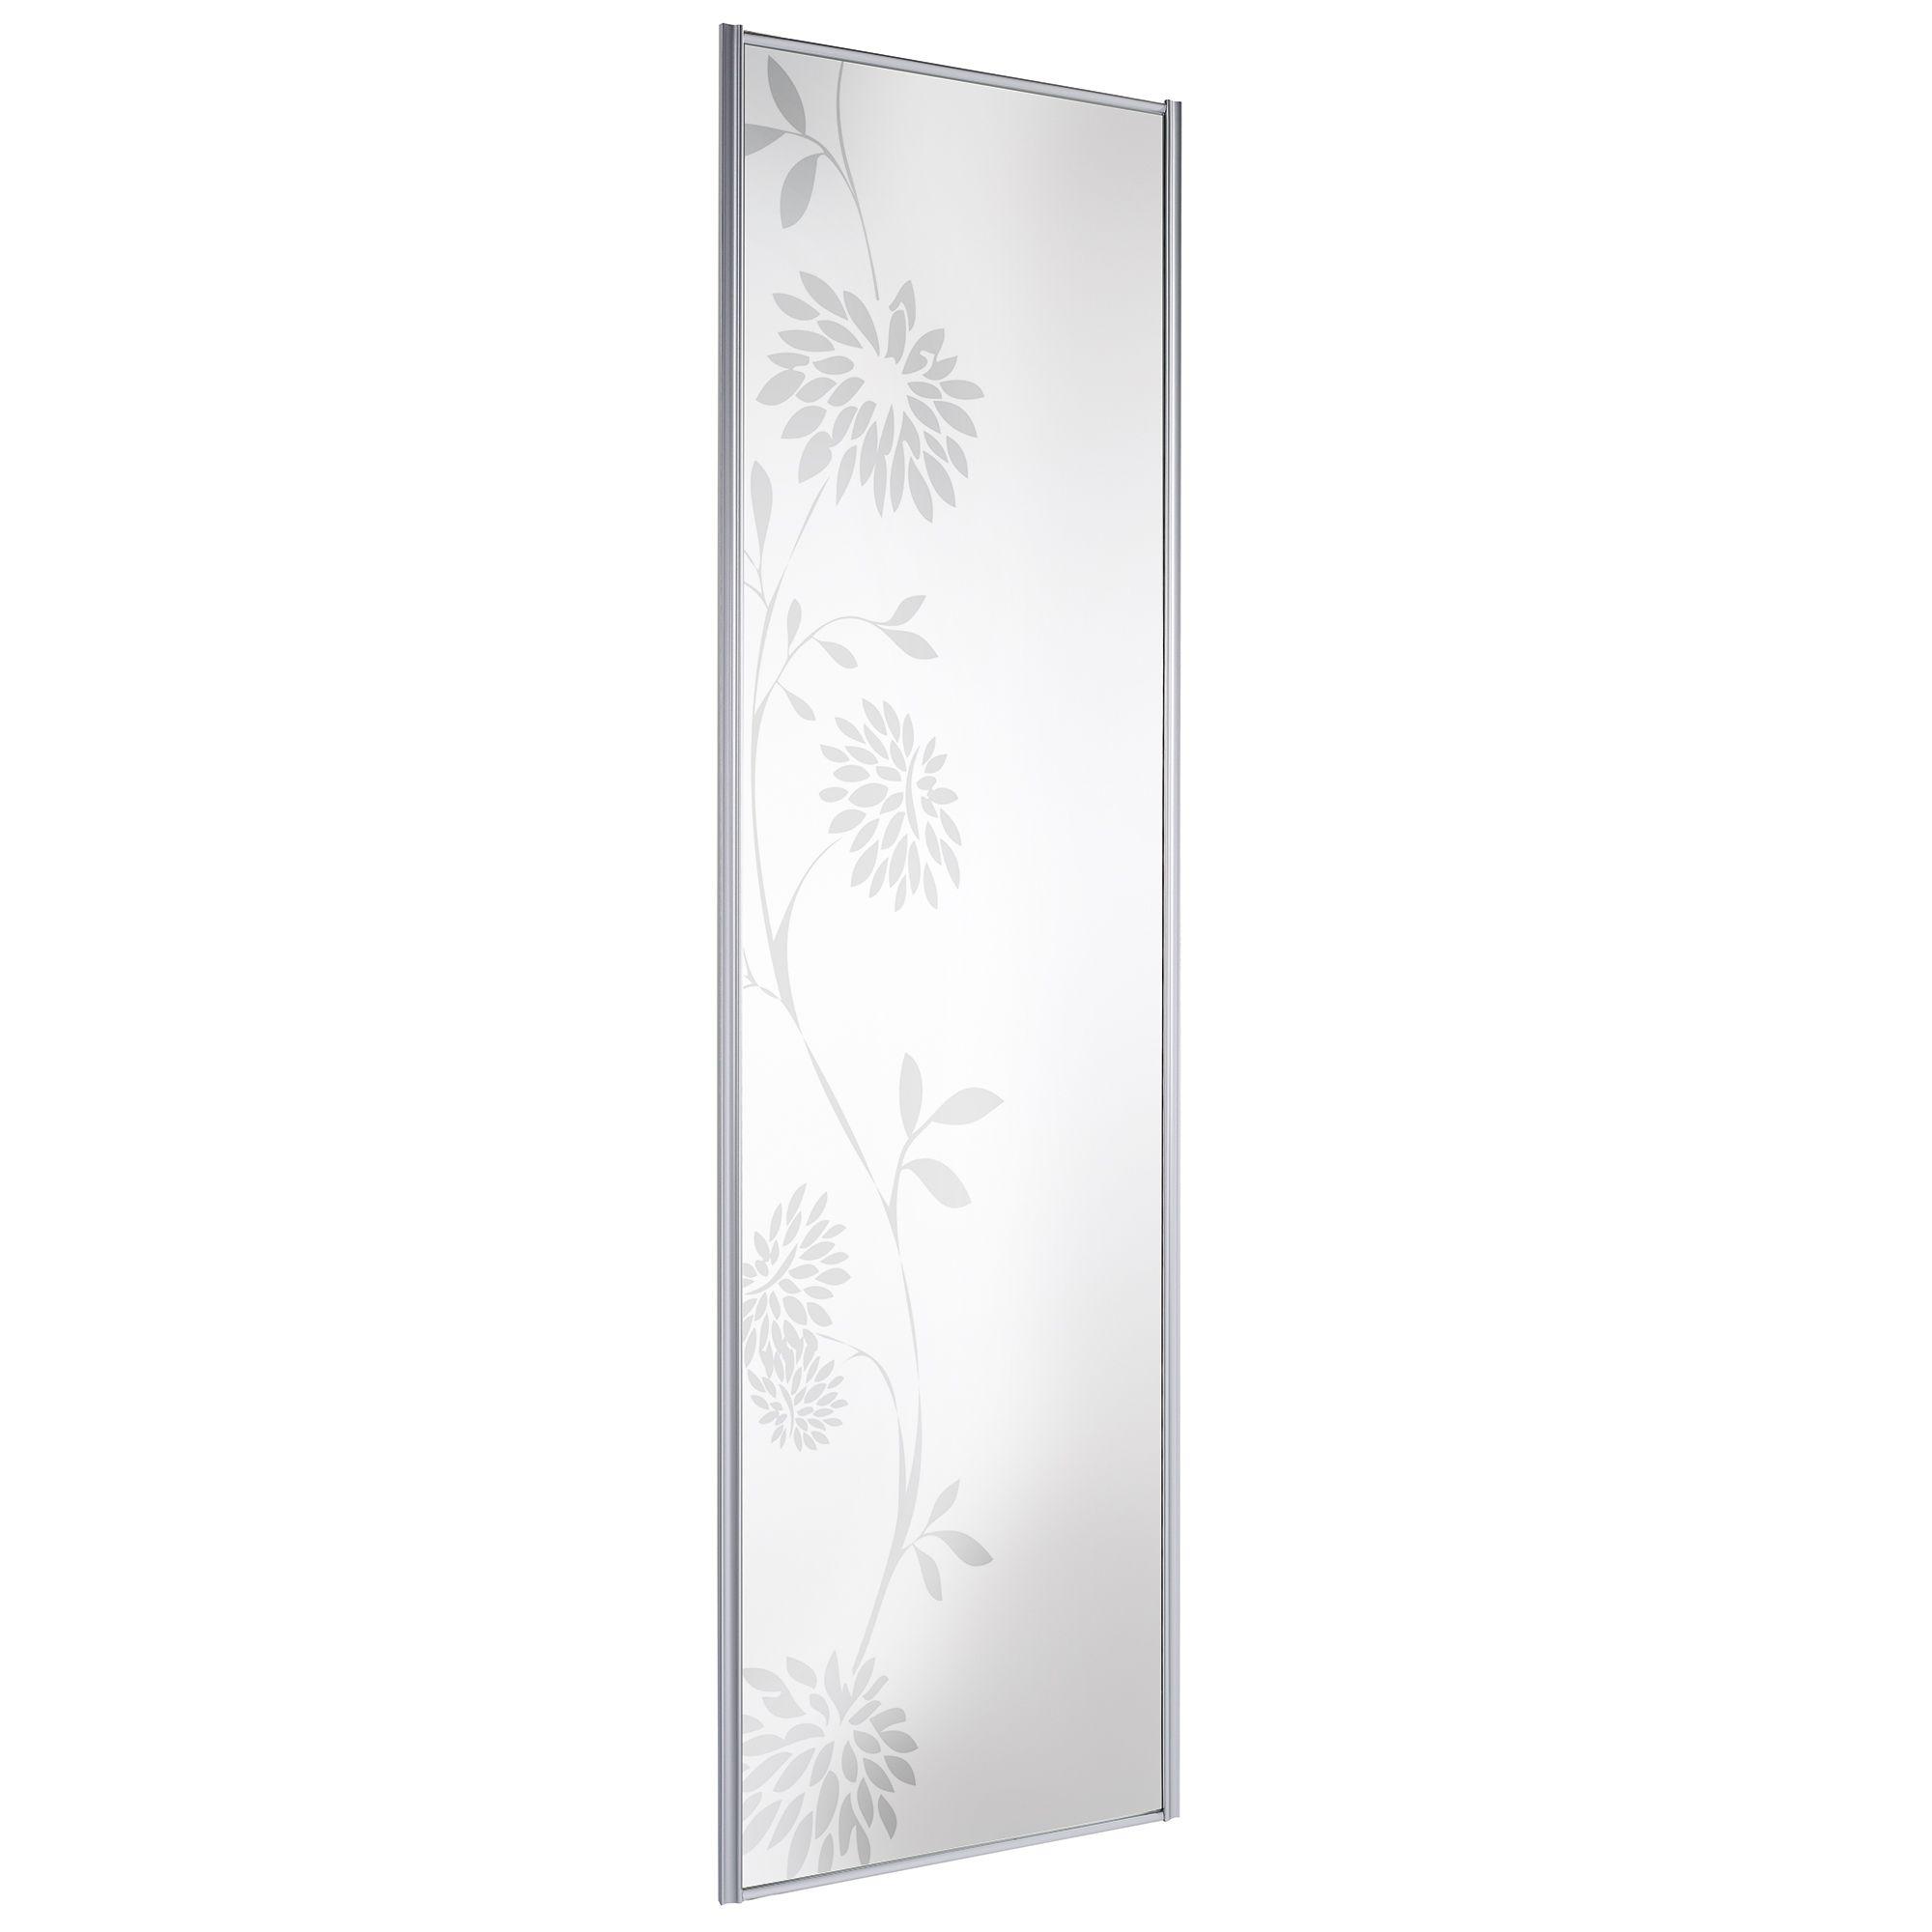 Full Length Mirror Mirror Sliding Wardrobe Door (h)2220 Mm (w)610 Mm